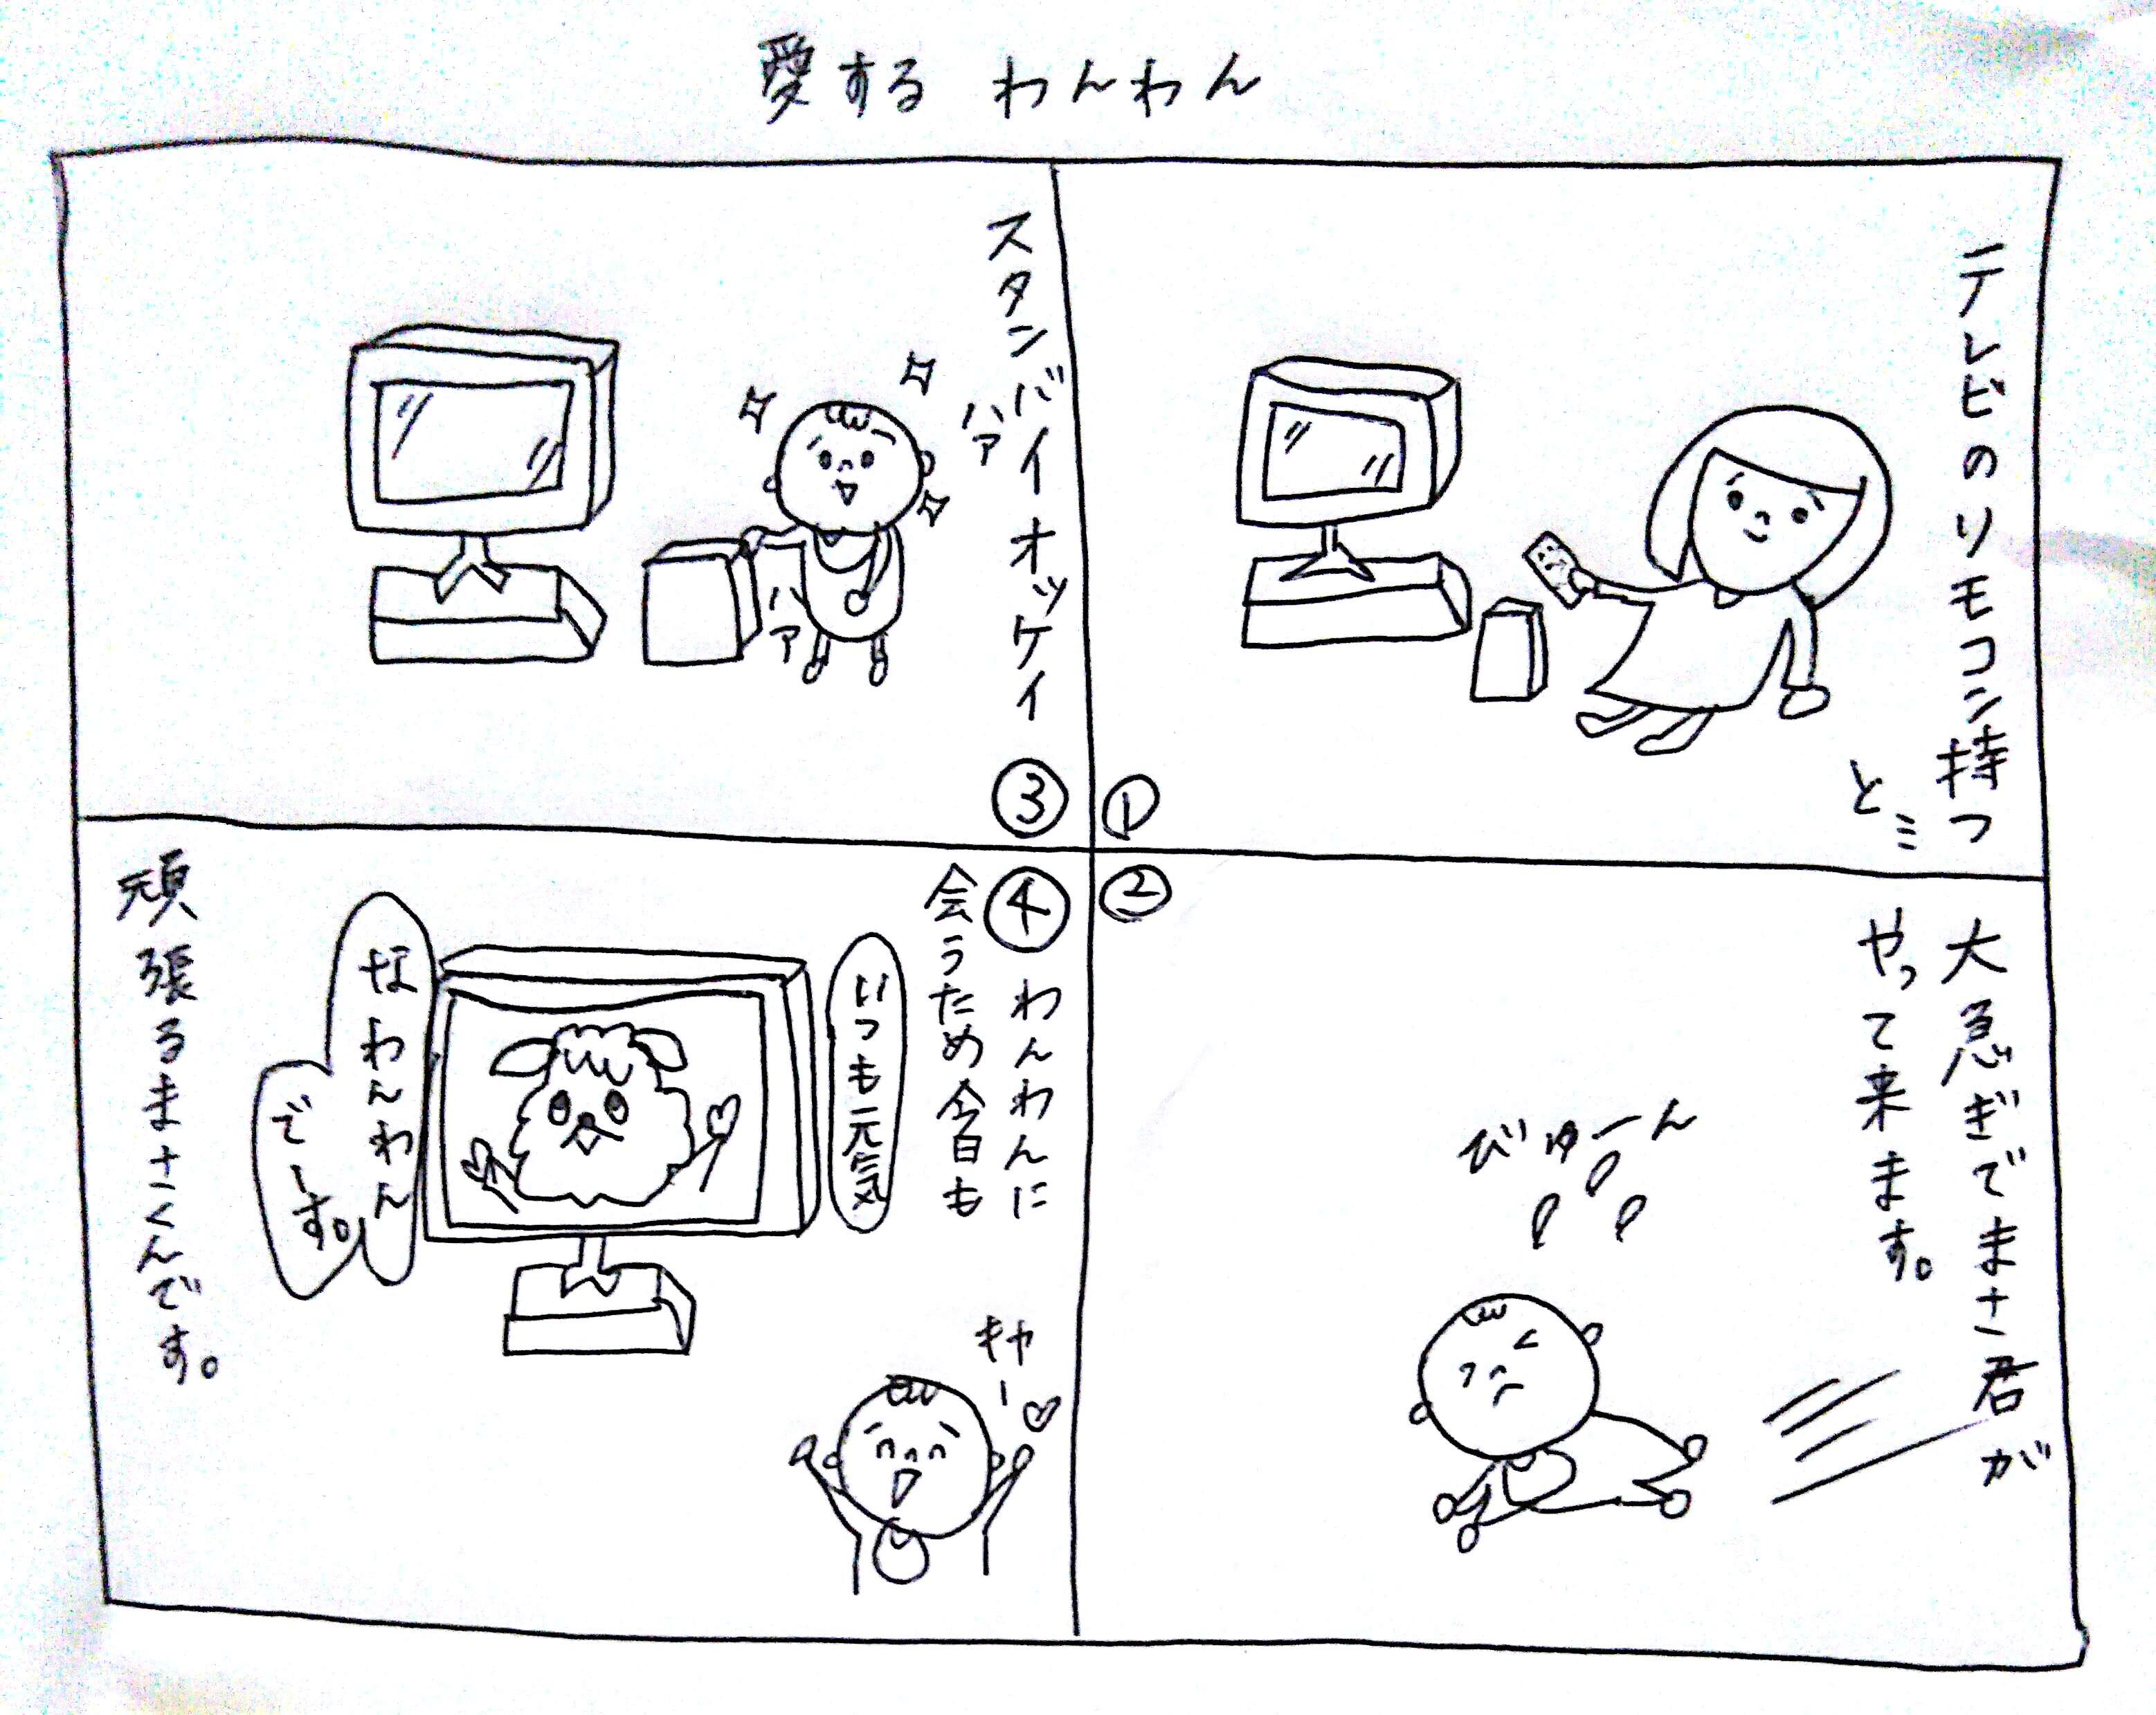 Eテレにまつわるエピソードあるあるイラスト愛するワンワン By